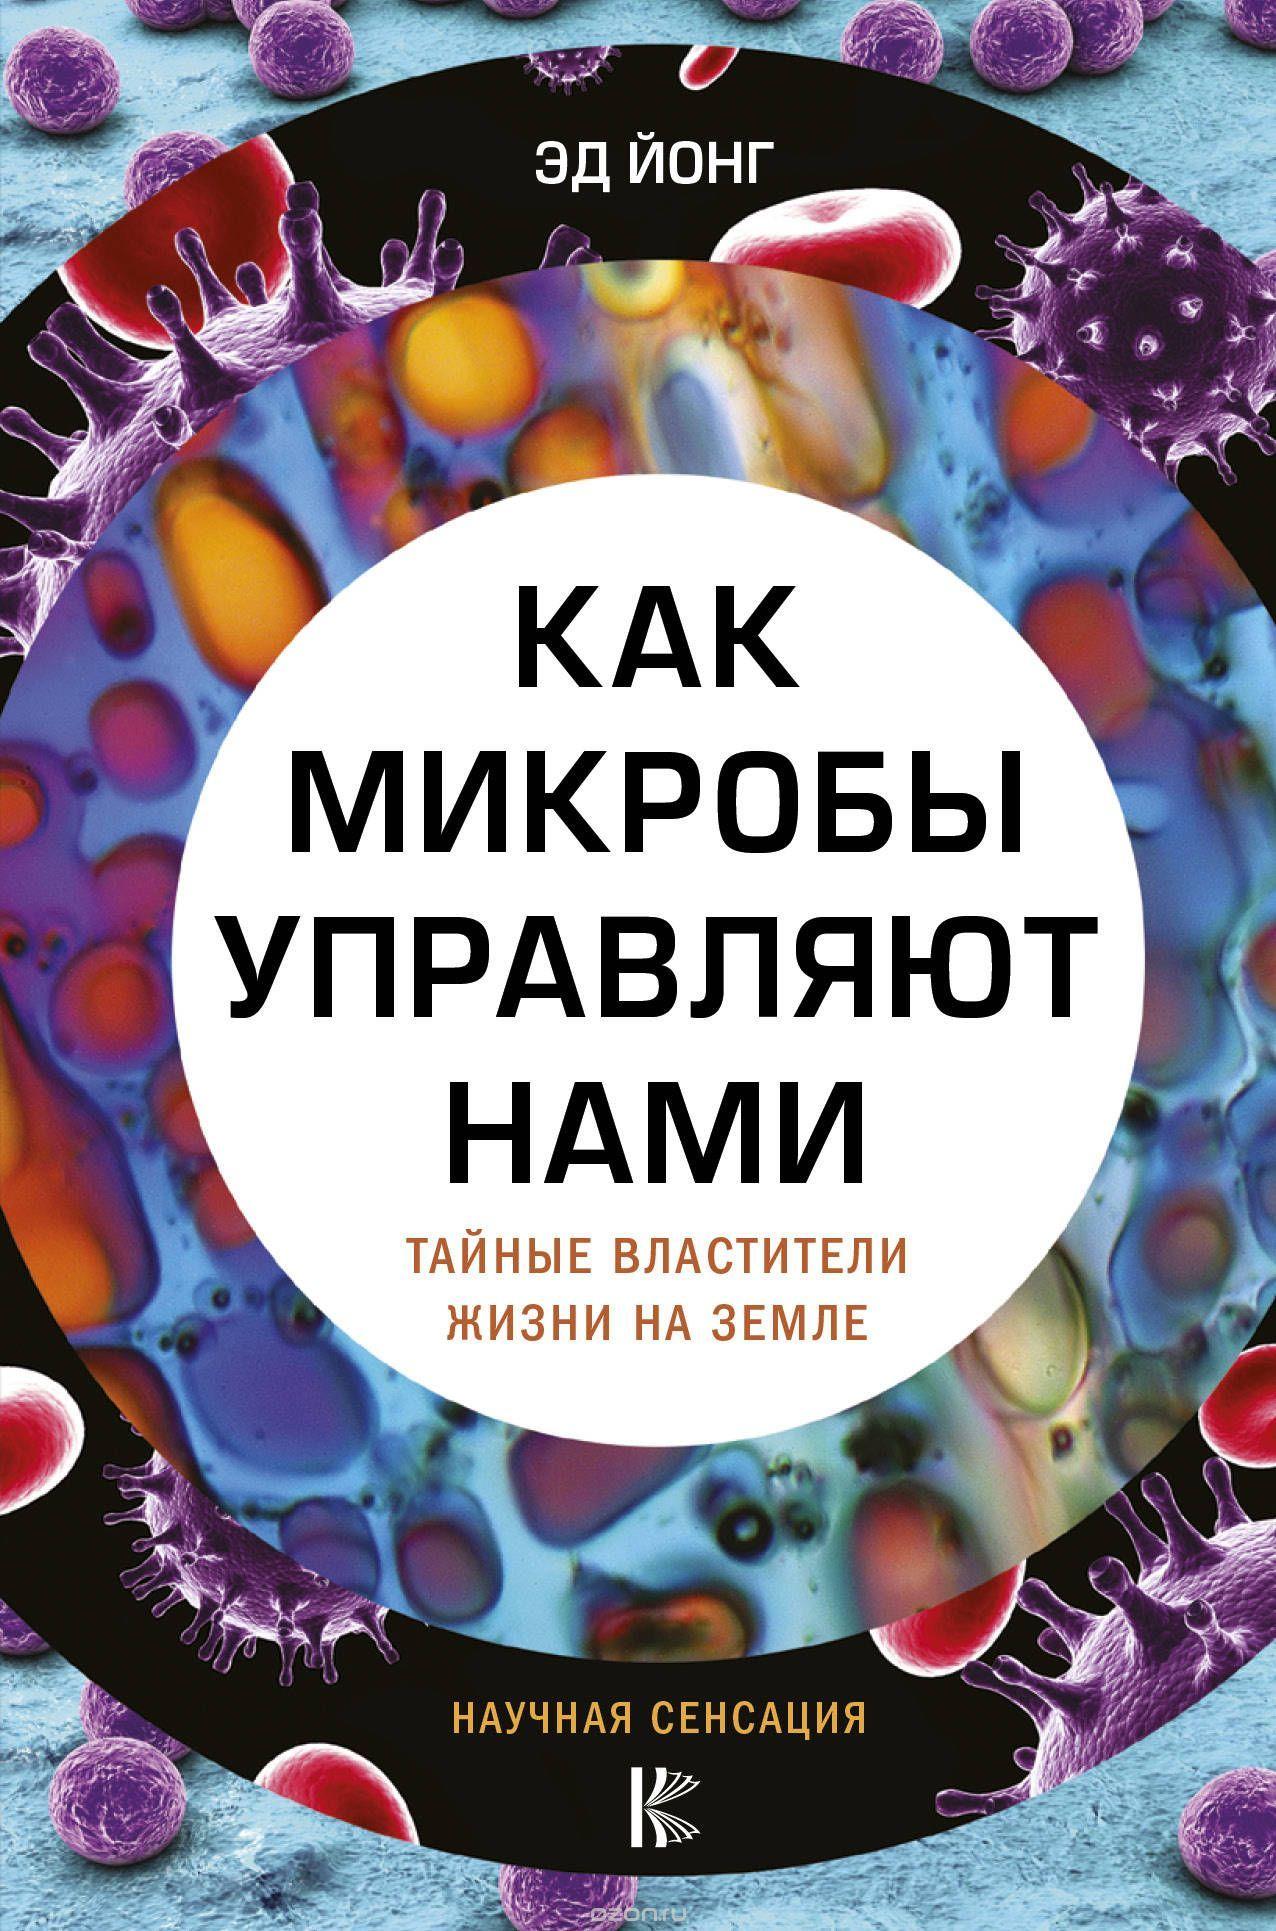 Kitab Как микробы управляют нами. Тайные властители жизни на Земле | Эд Йонг